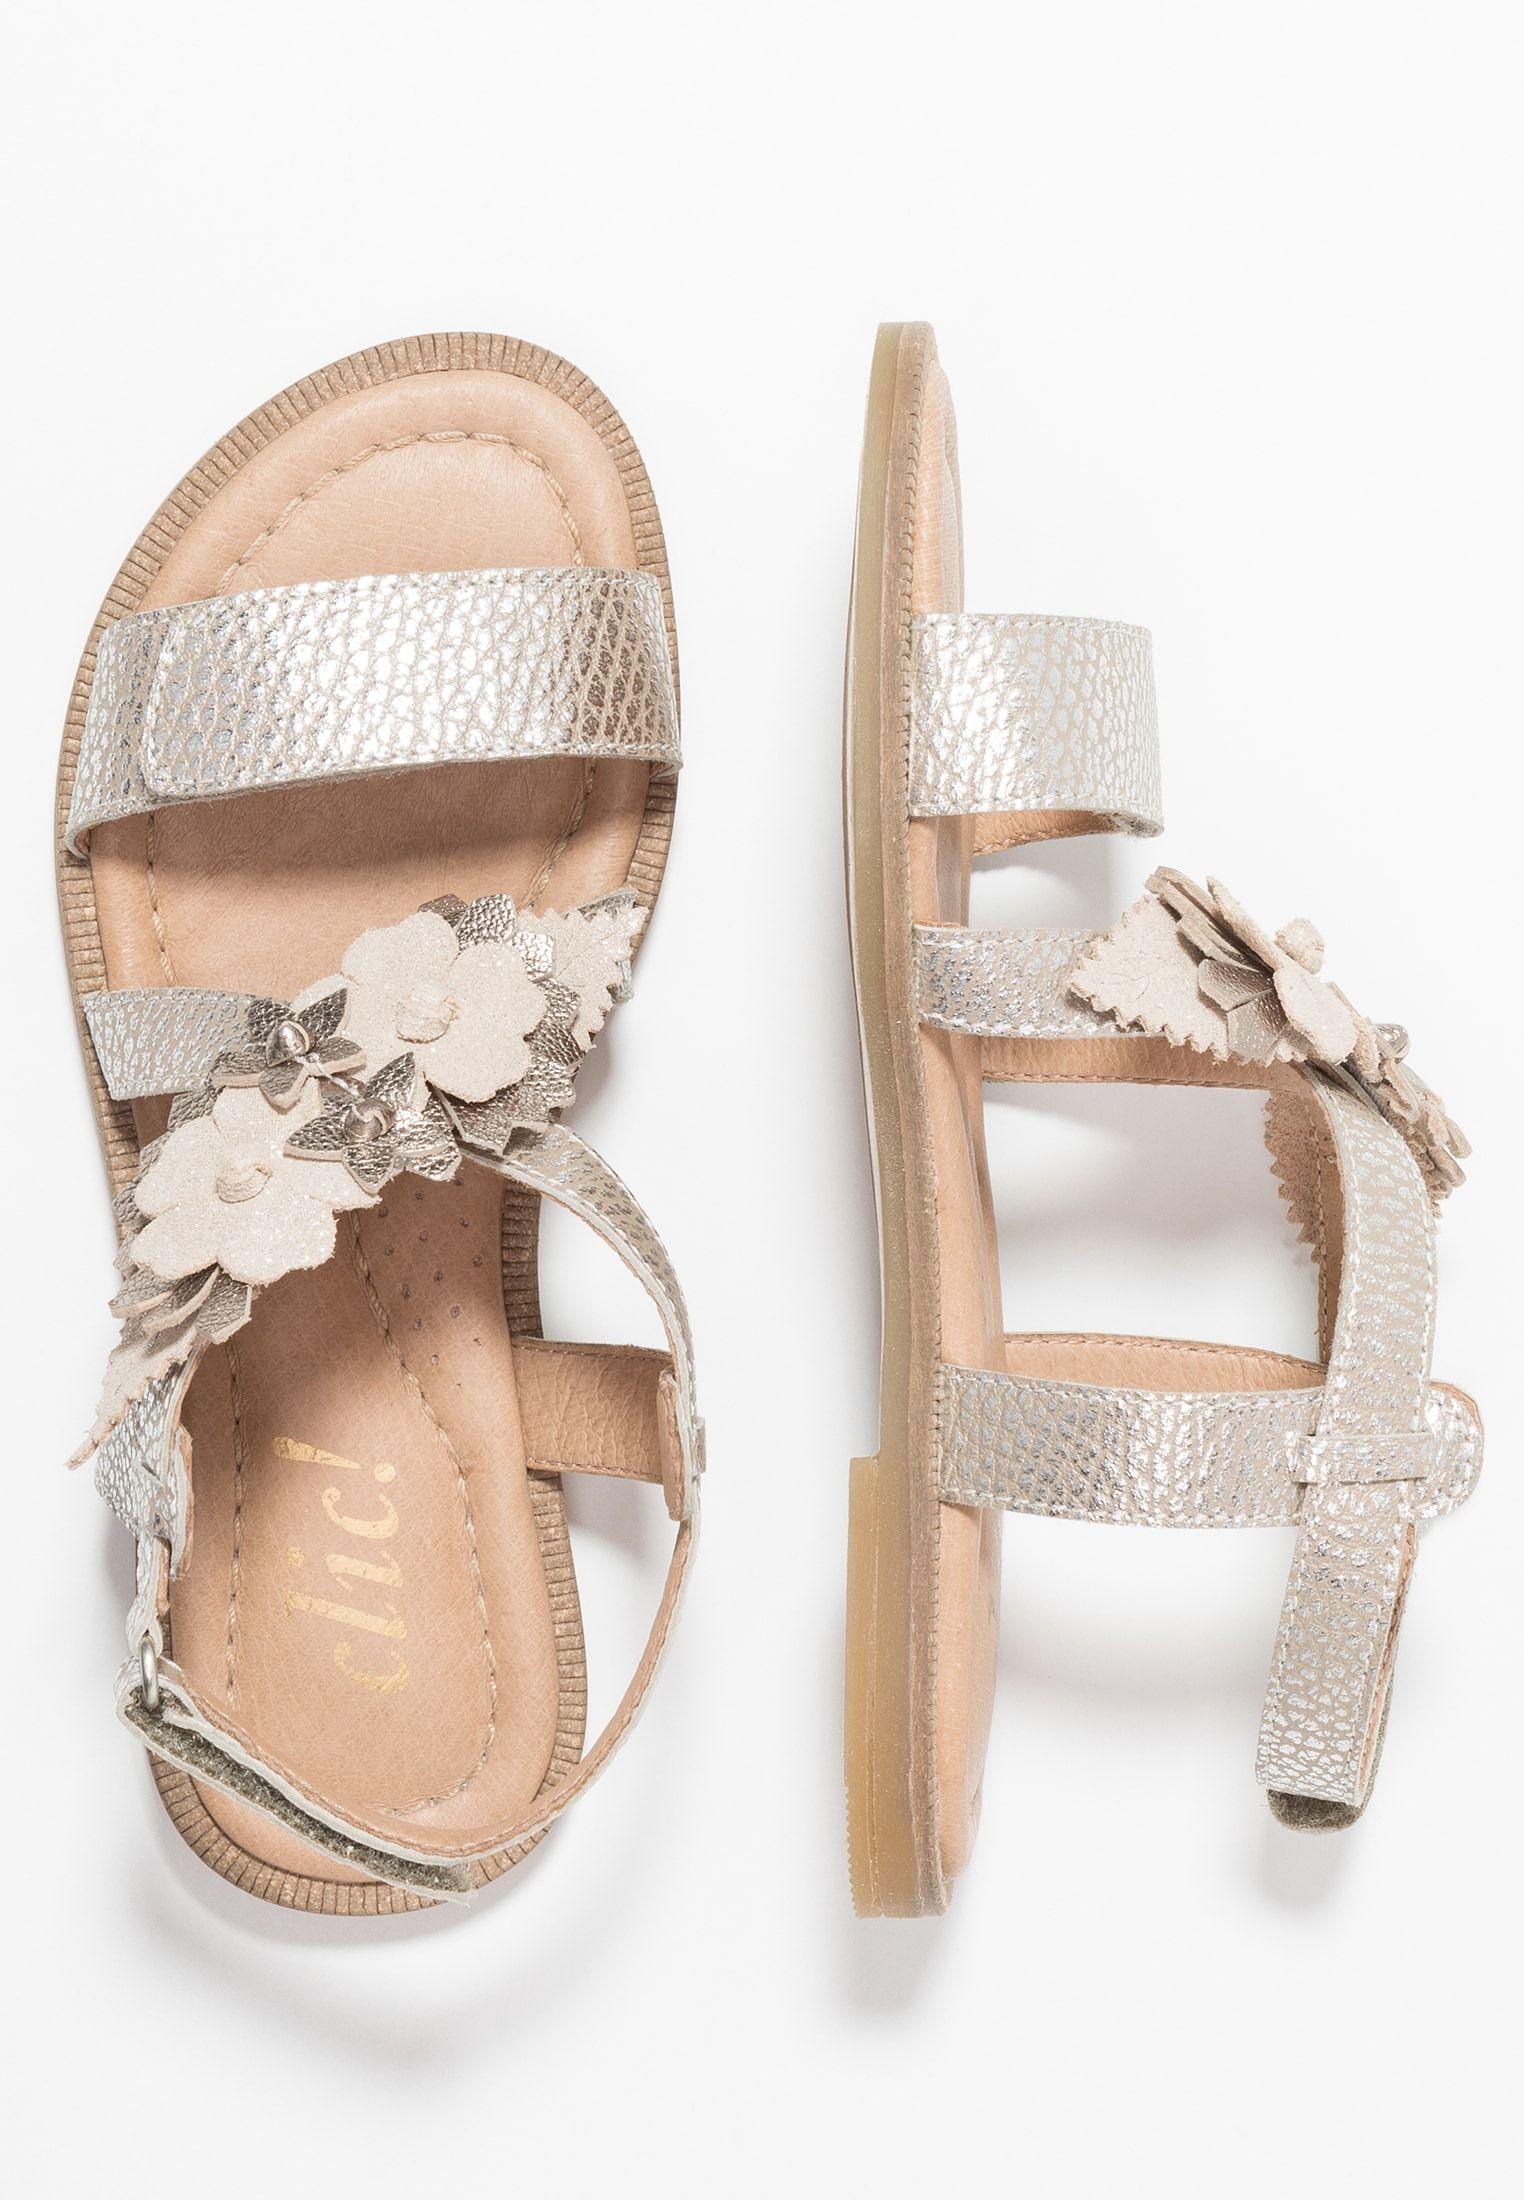 Riemensandalette Hunter Kilian Boreal Plata Zalando De Zapatos Para Ninas Zapatos De Nena Zapatillas De Ninas